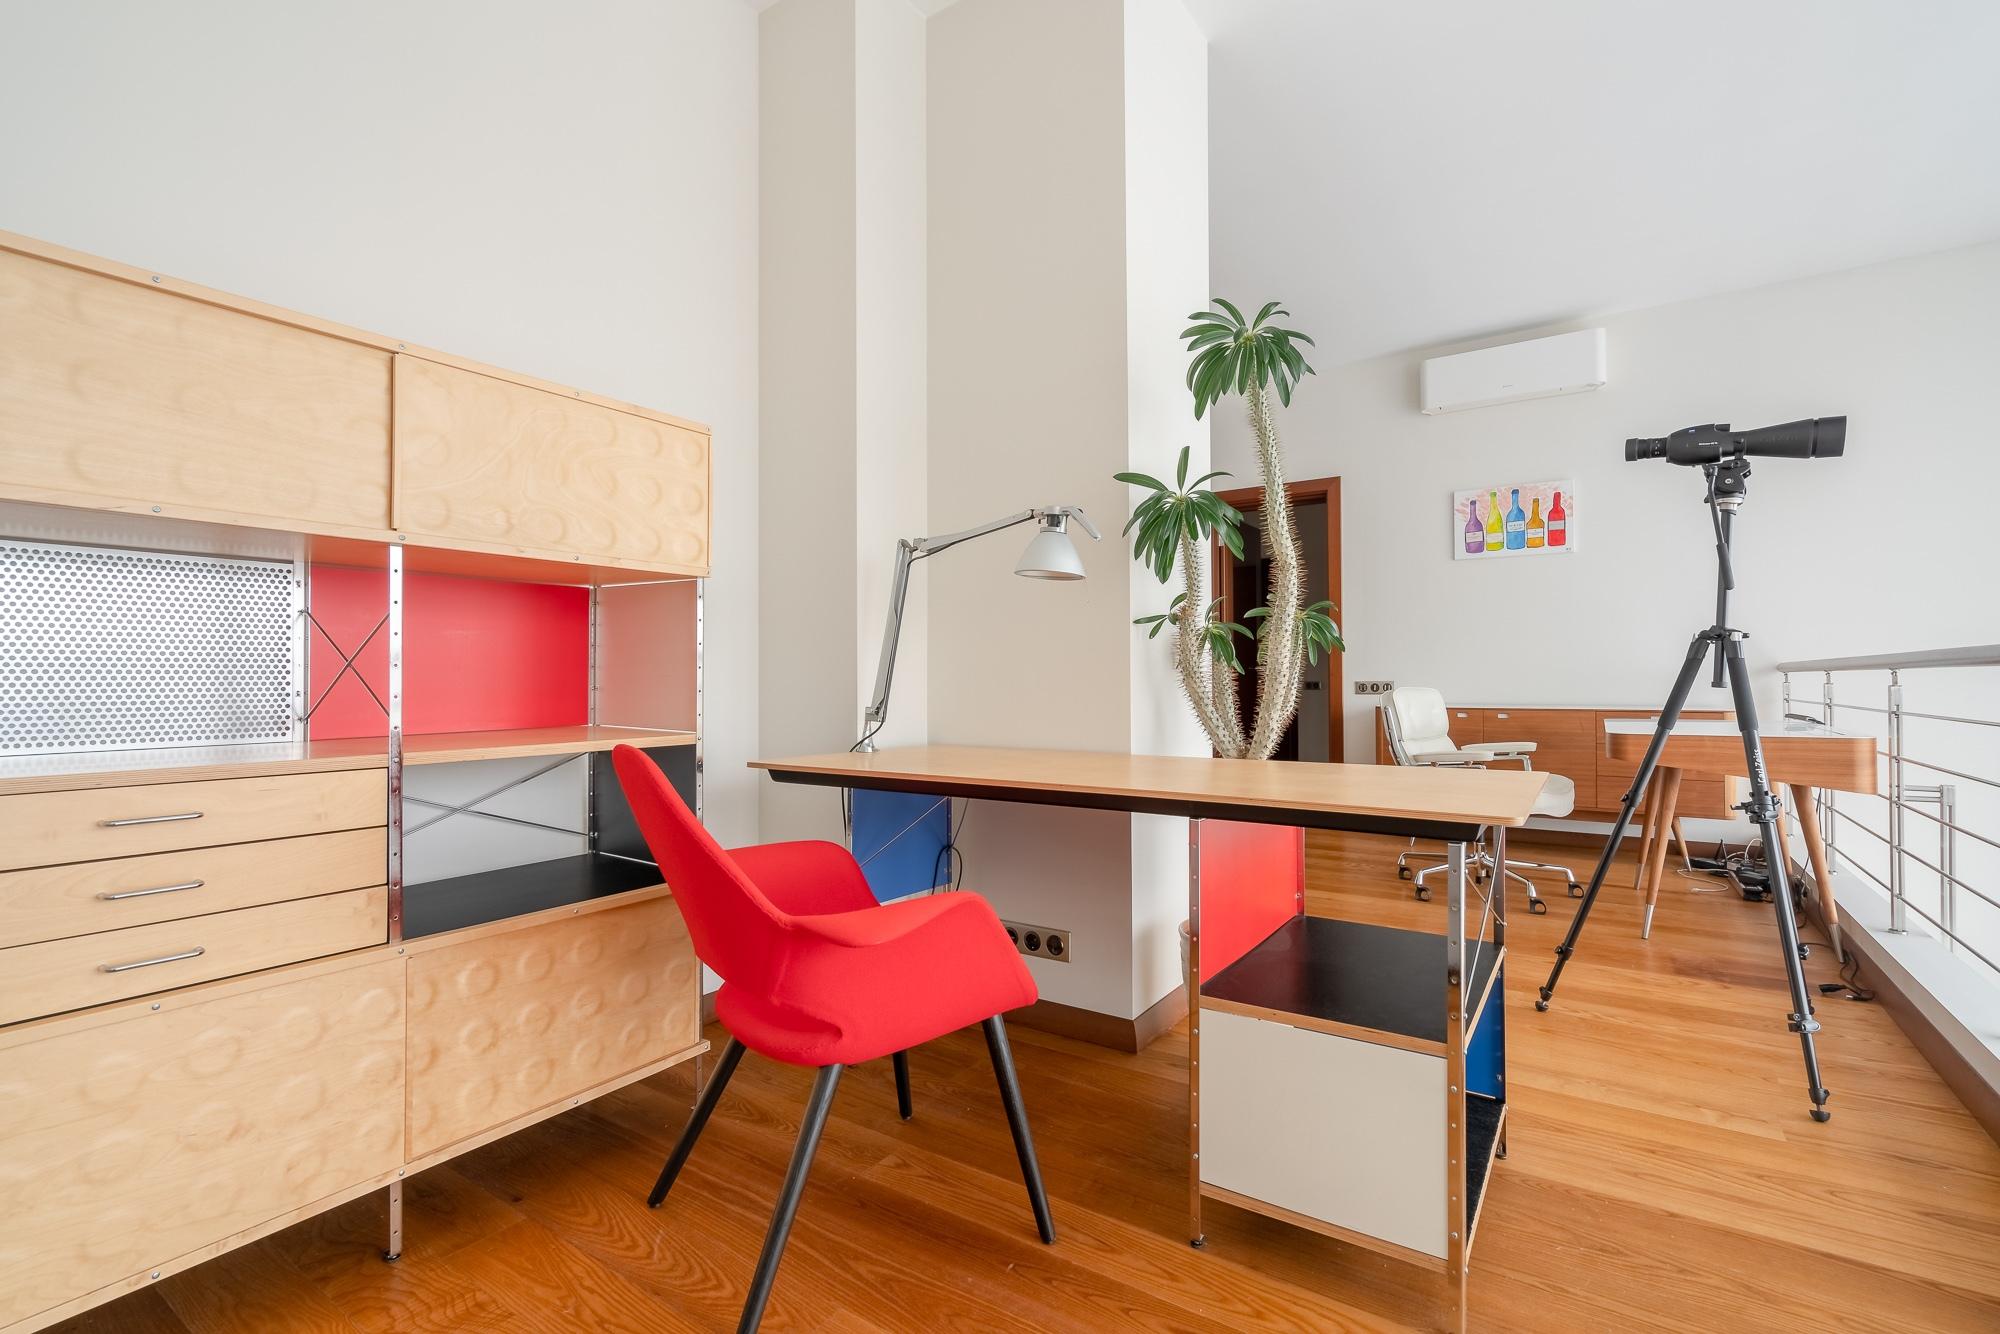 фотосъёмка интерьеров квартиры